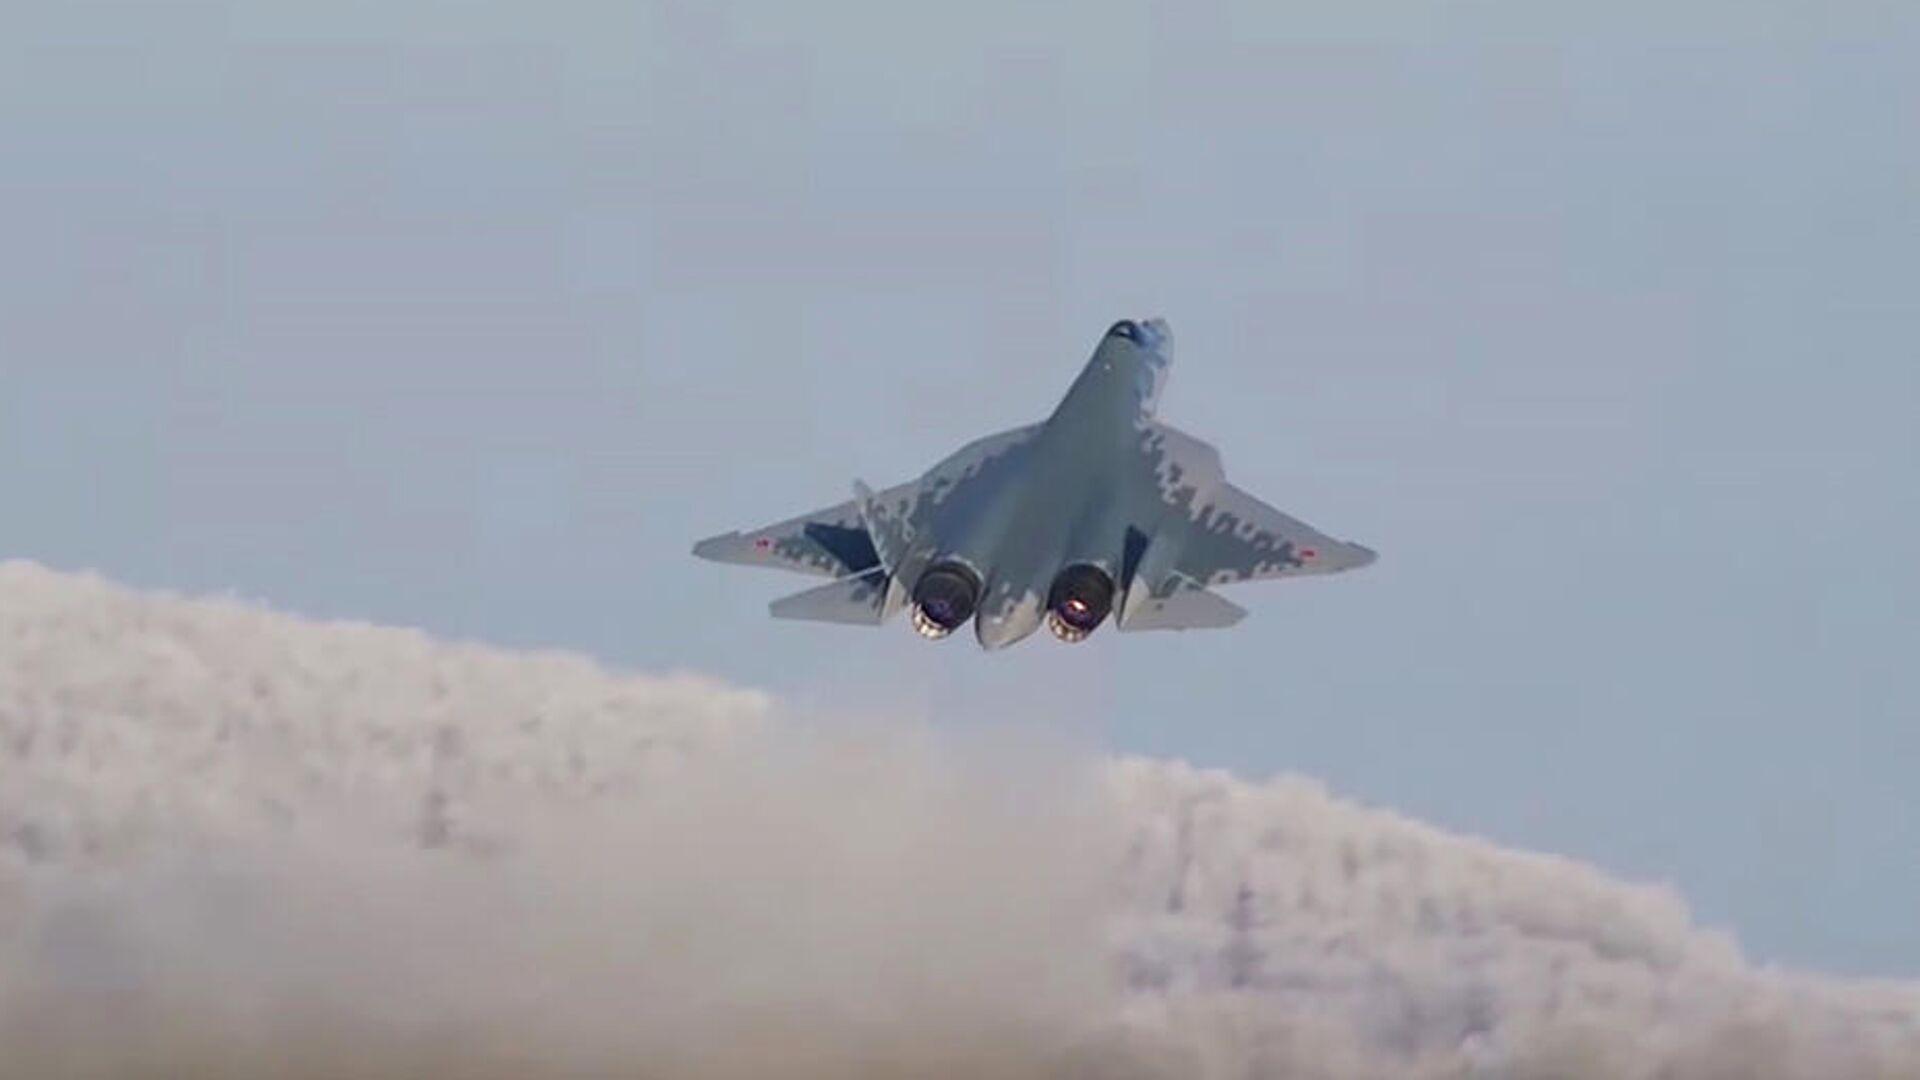 Россия готова продать истребитель Су-57Э стратегическим партнерам